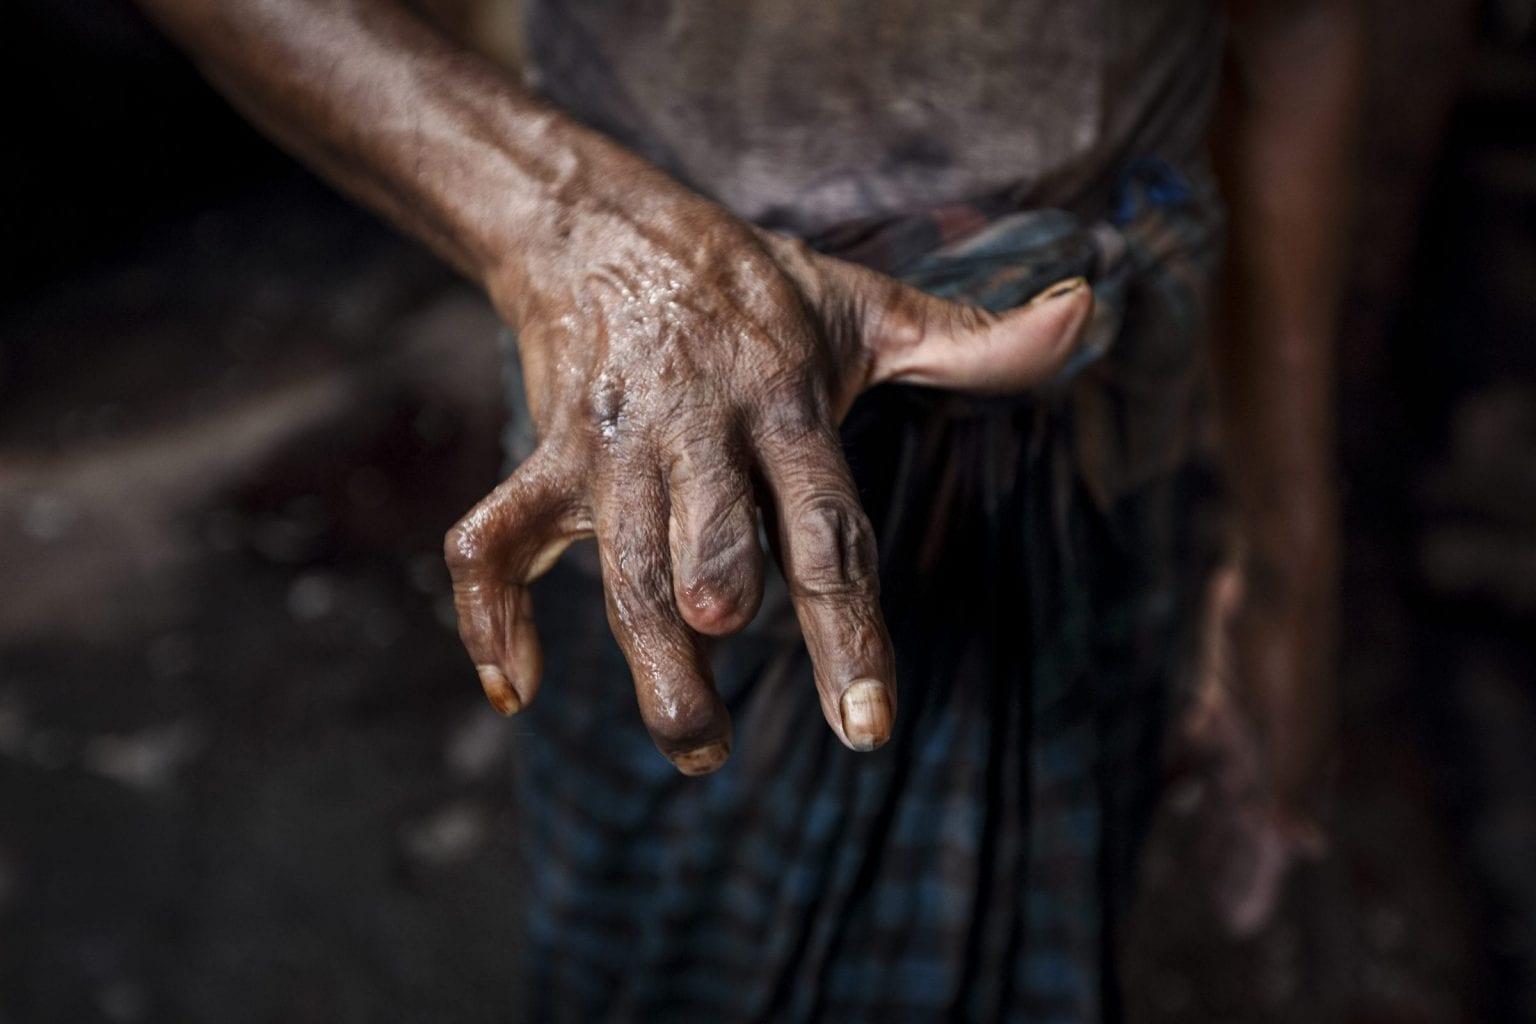 Anowar har mistet en af sine fingre i arbejdet på en garverifabrik - han har arbejdet der i 40 år. Foto: GMB Akash